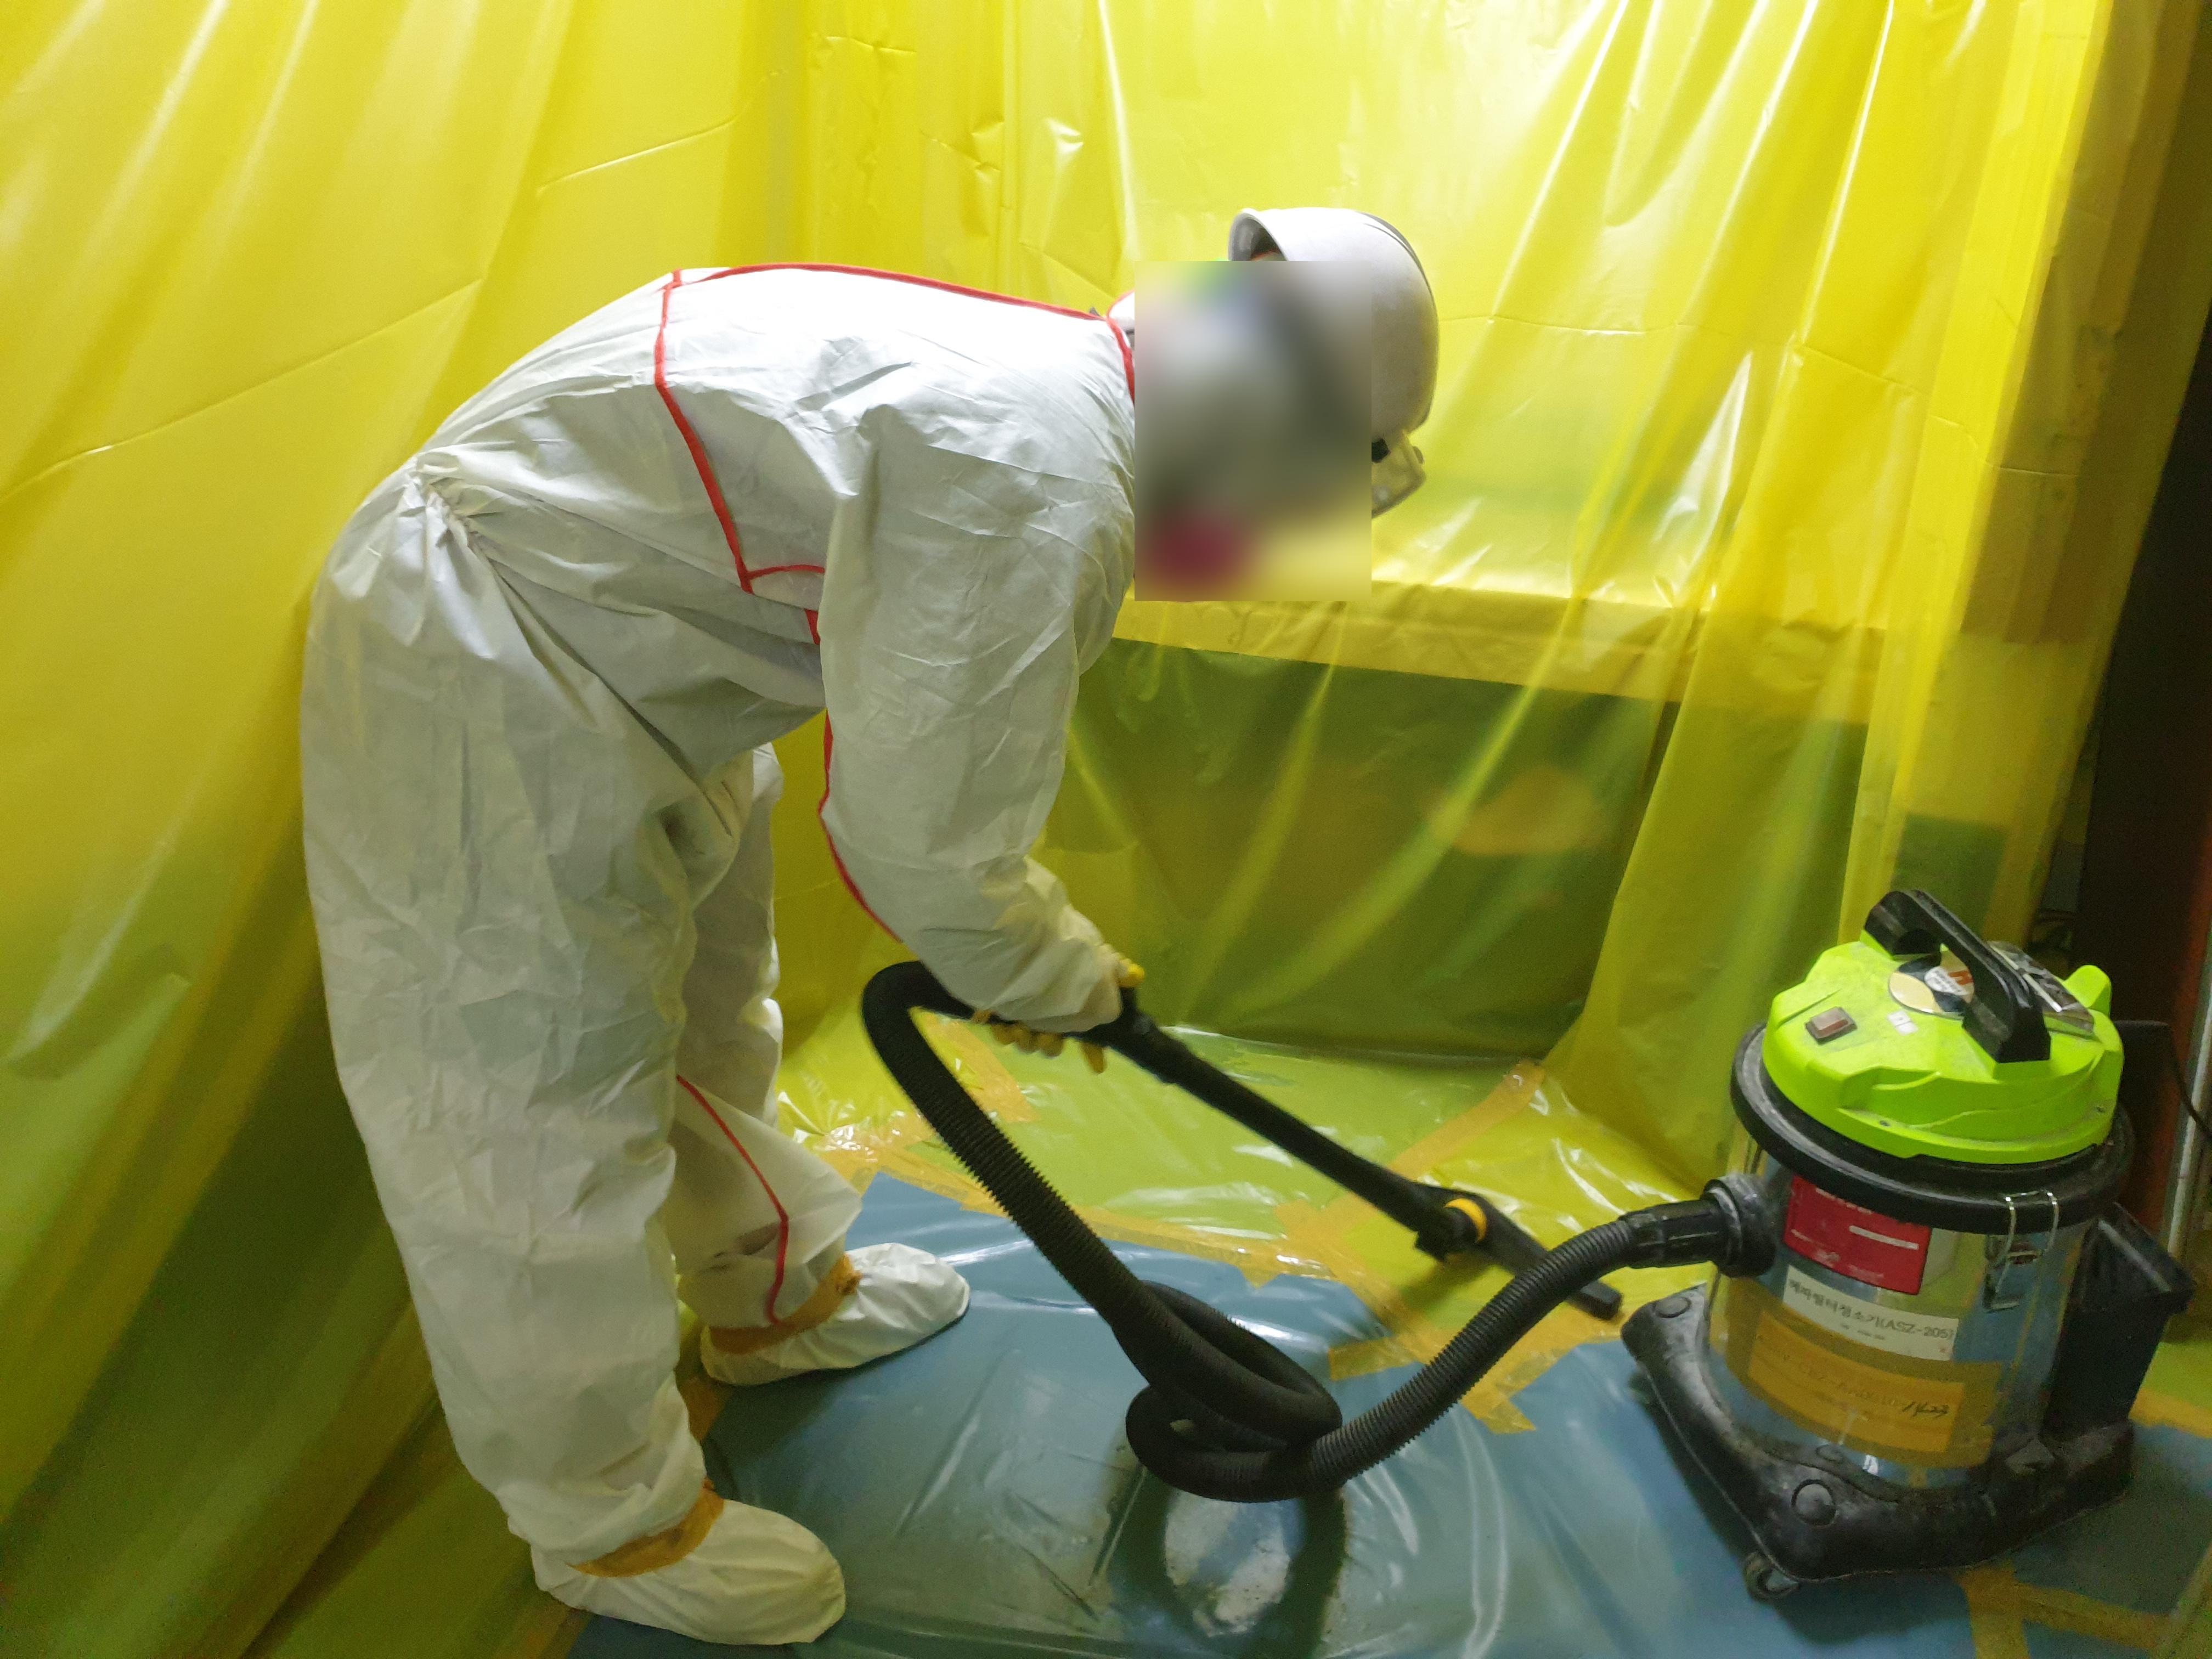 17 번째 사진  에  연면적264.94 ㎡ 브니엘예술고등학교 화장실 밤라이트, 석면텍스 해체 작업